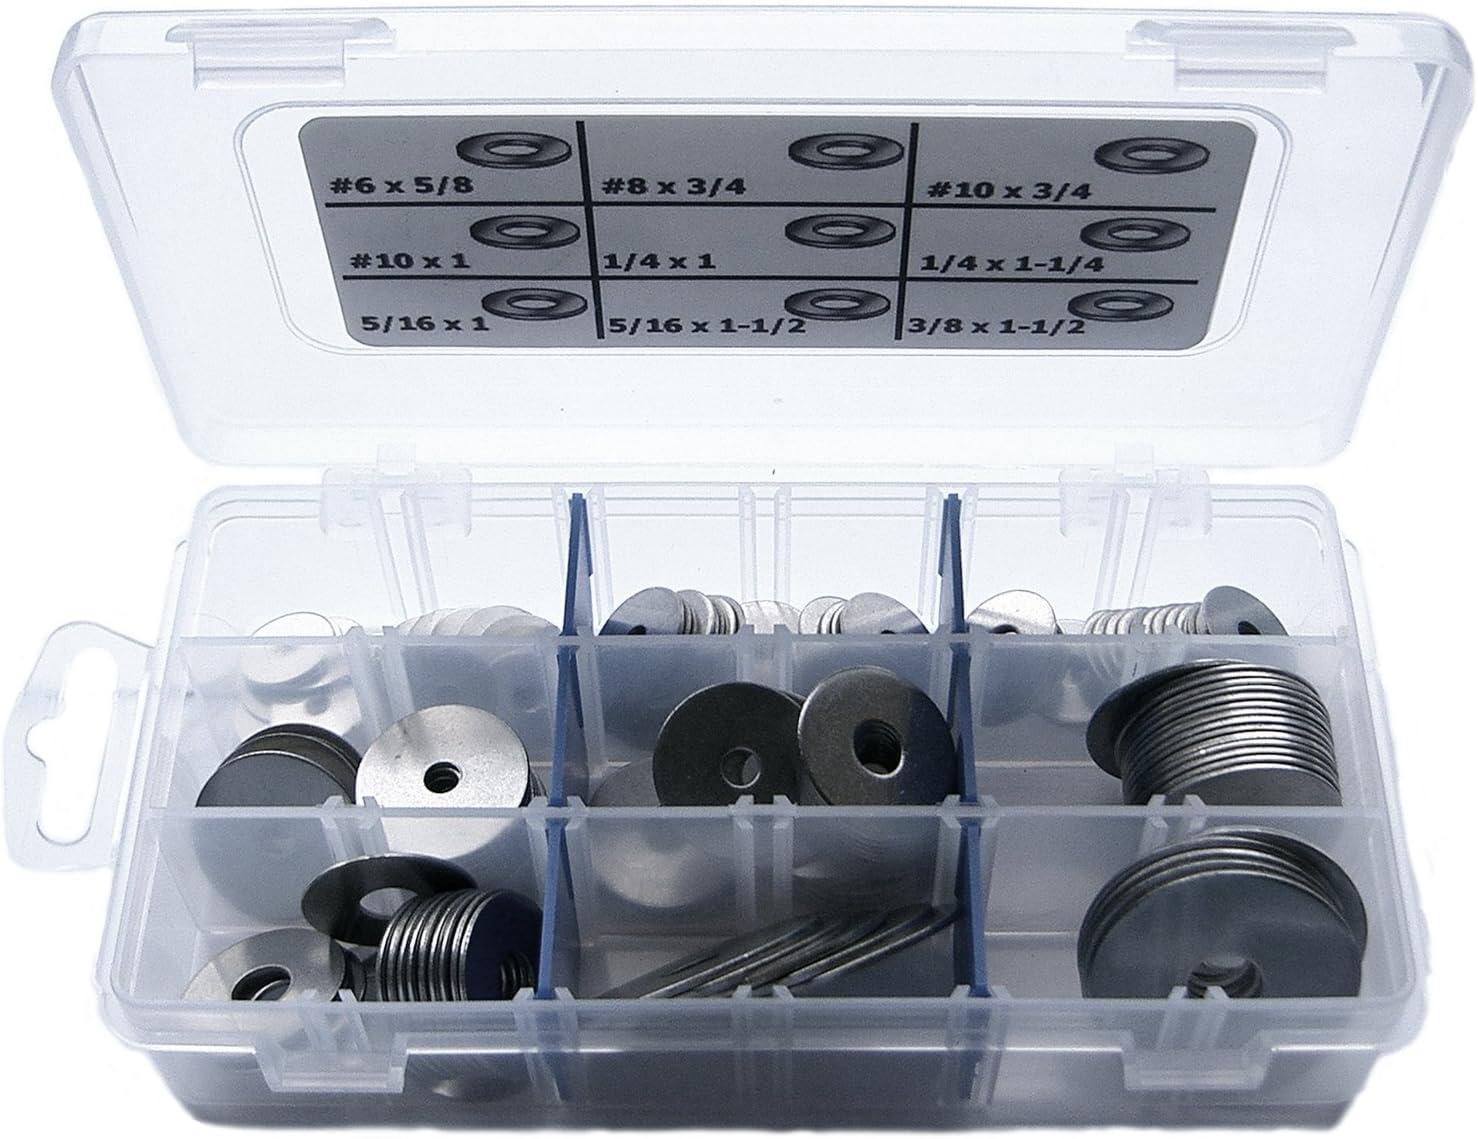 StainlessTown K18FNW Stainless Steel Fender Washer Assortment Kit